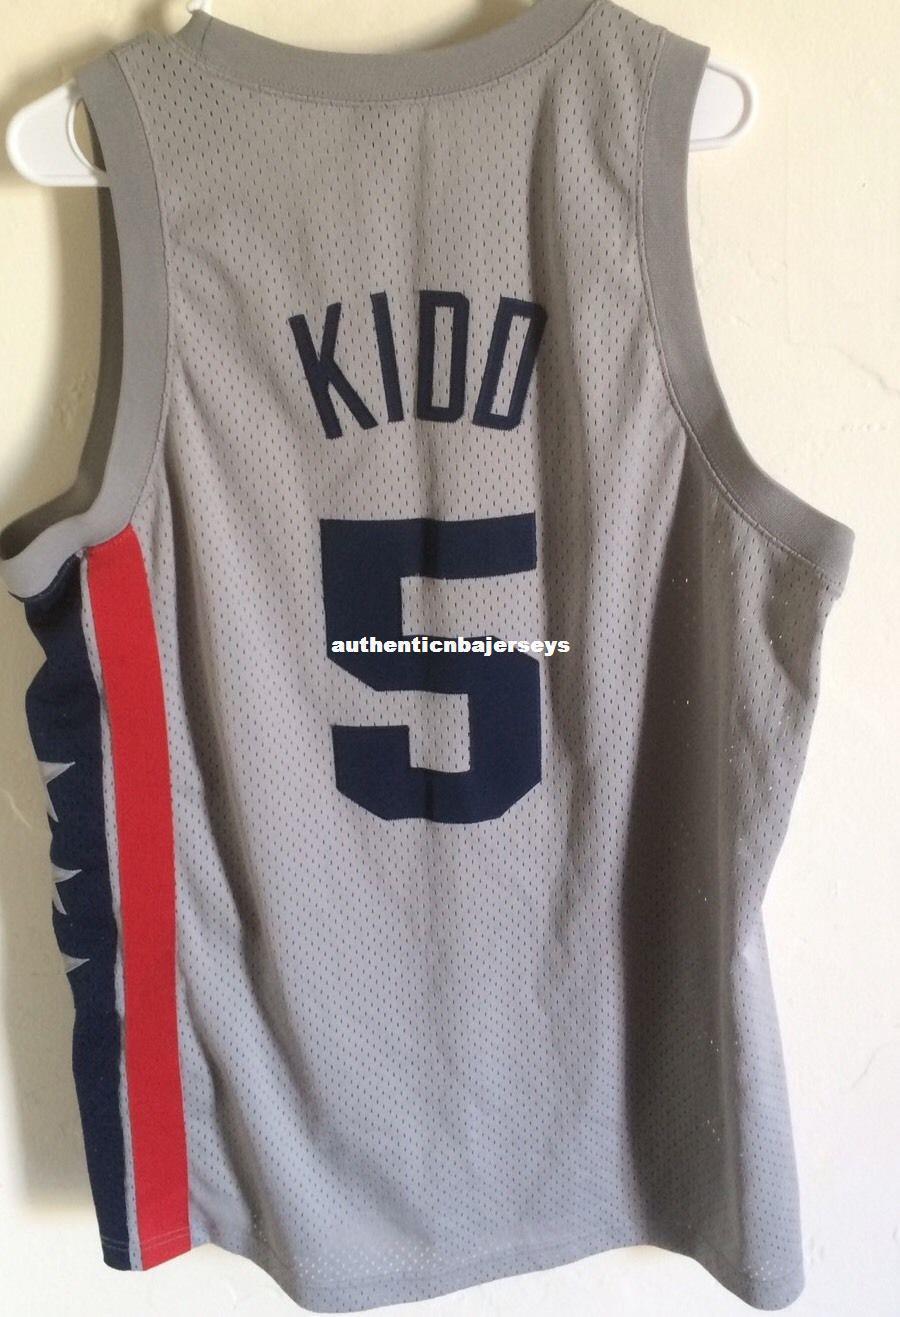 Barato por atacado Jason Kidd New Jersey nk Rewind Sewn Men # 5 Martin T-shirt colete costurado basquete jerseys Ncaa